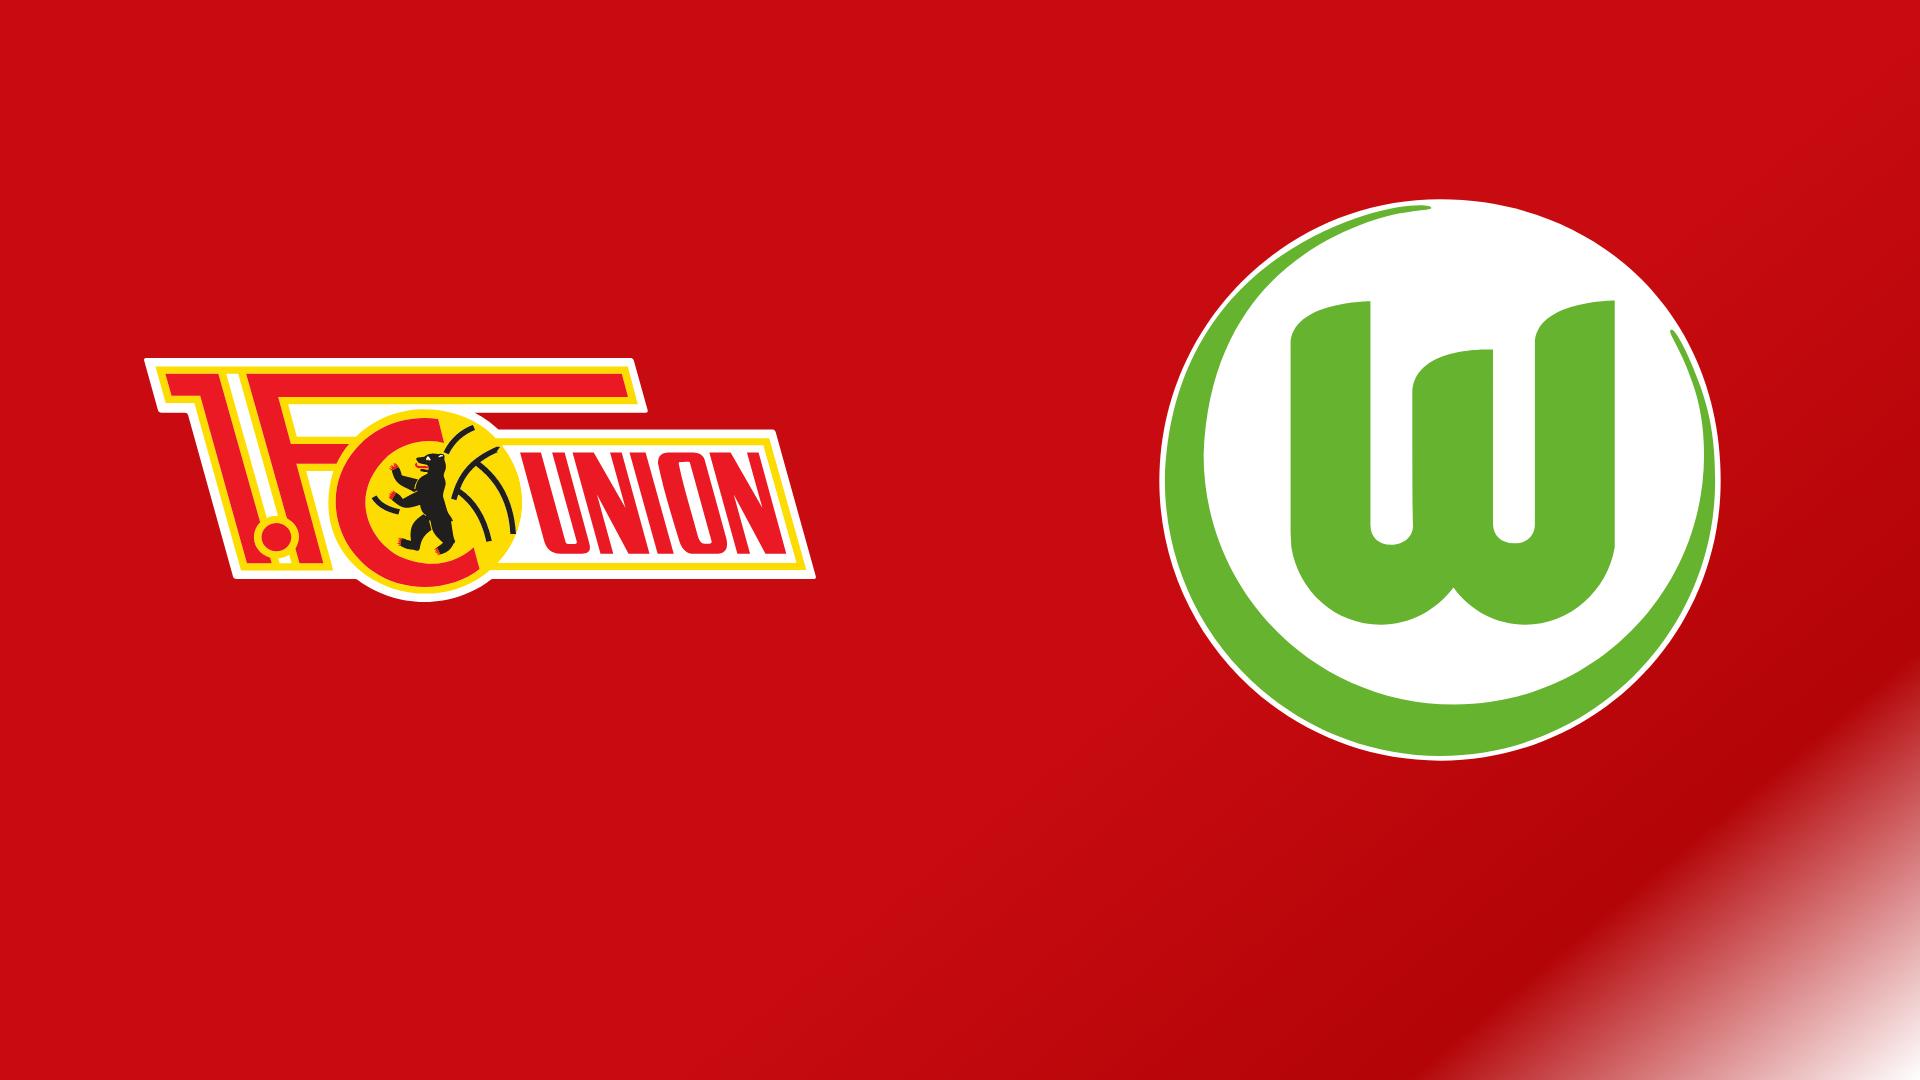 Live BL: 1. FC Union Berlin - VfL Wolfsburg, 8. Spieltag 16.10.2021 um 15:25 Uhr auf Sky Ticket